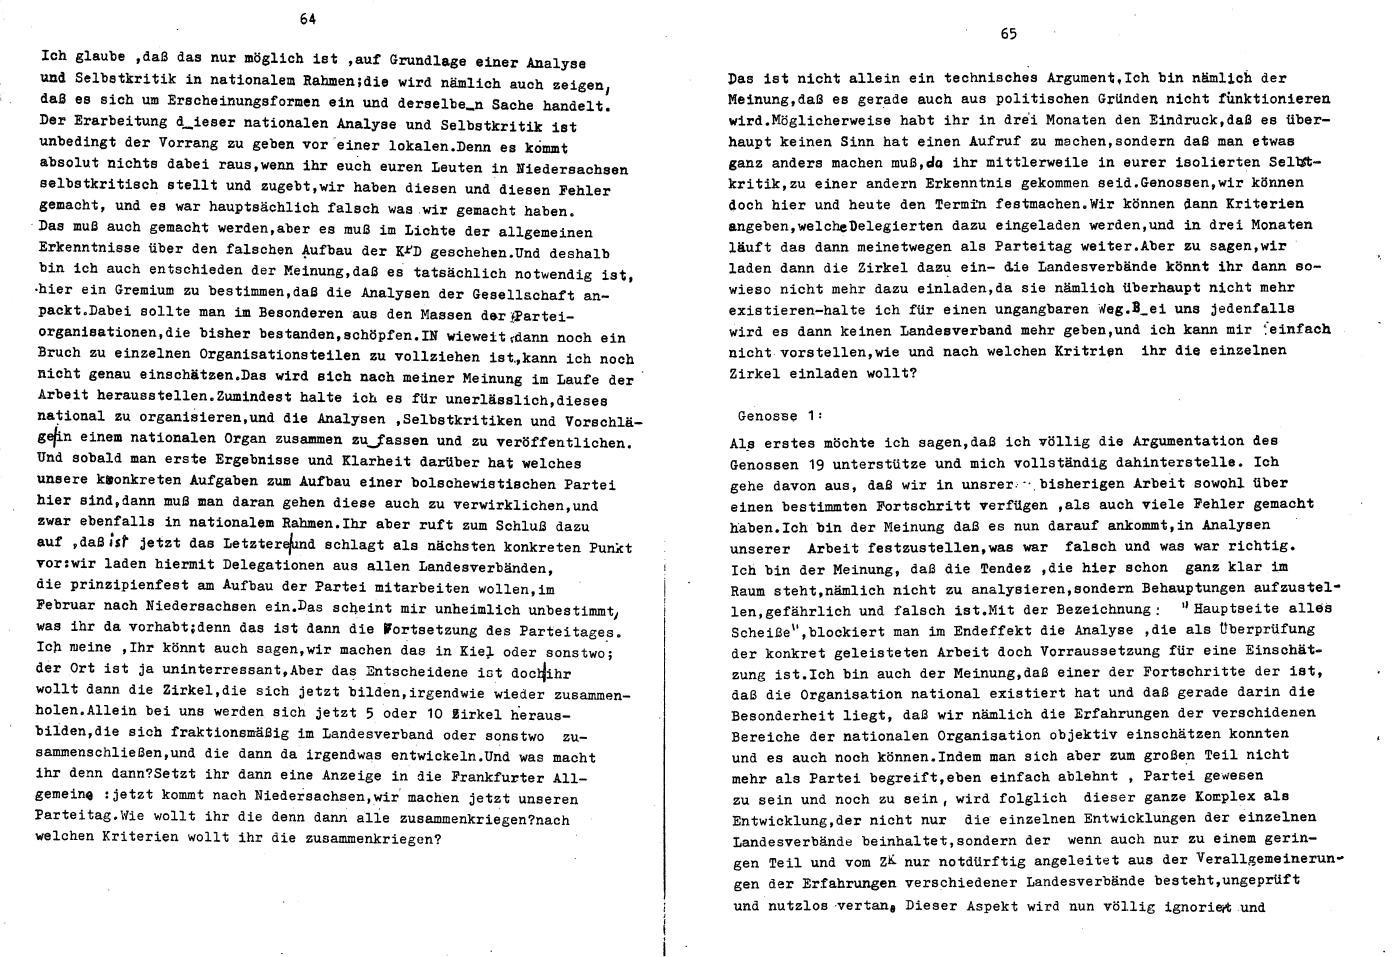 KPDML_1971_Wortprotokolle_aoPt_021